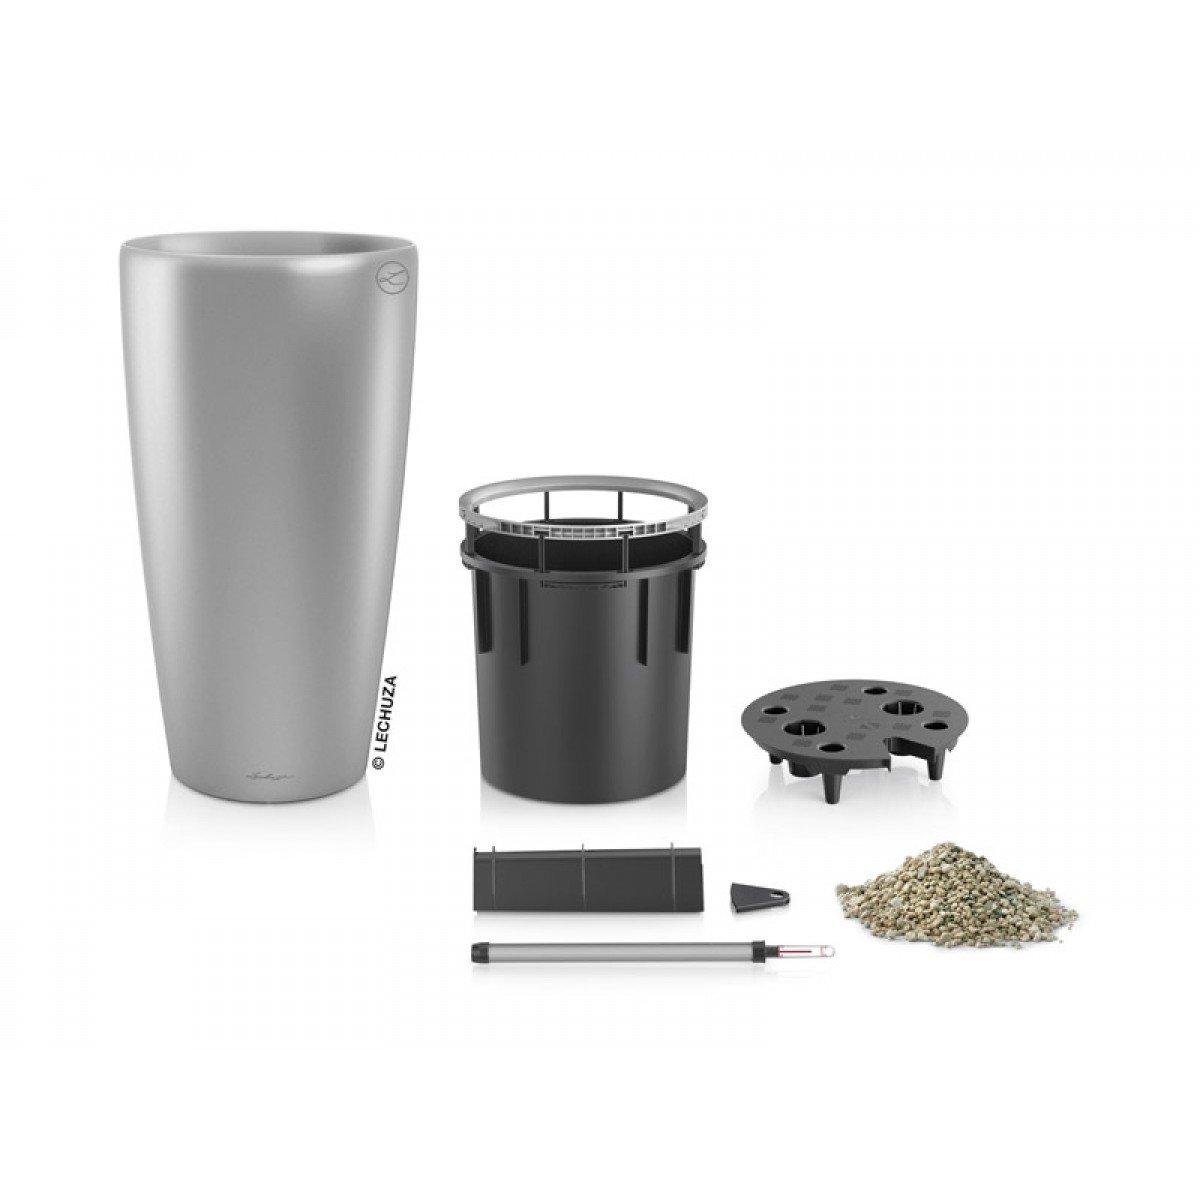 Lechuza EP-LRON-SIL-16 16 x 30 in. Rondo Premium Planter44; Silver Metallic